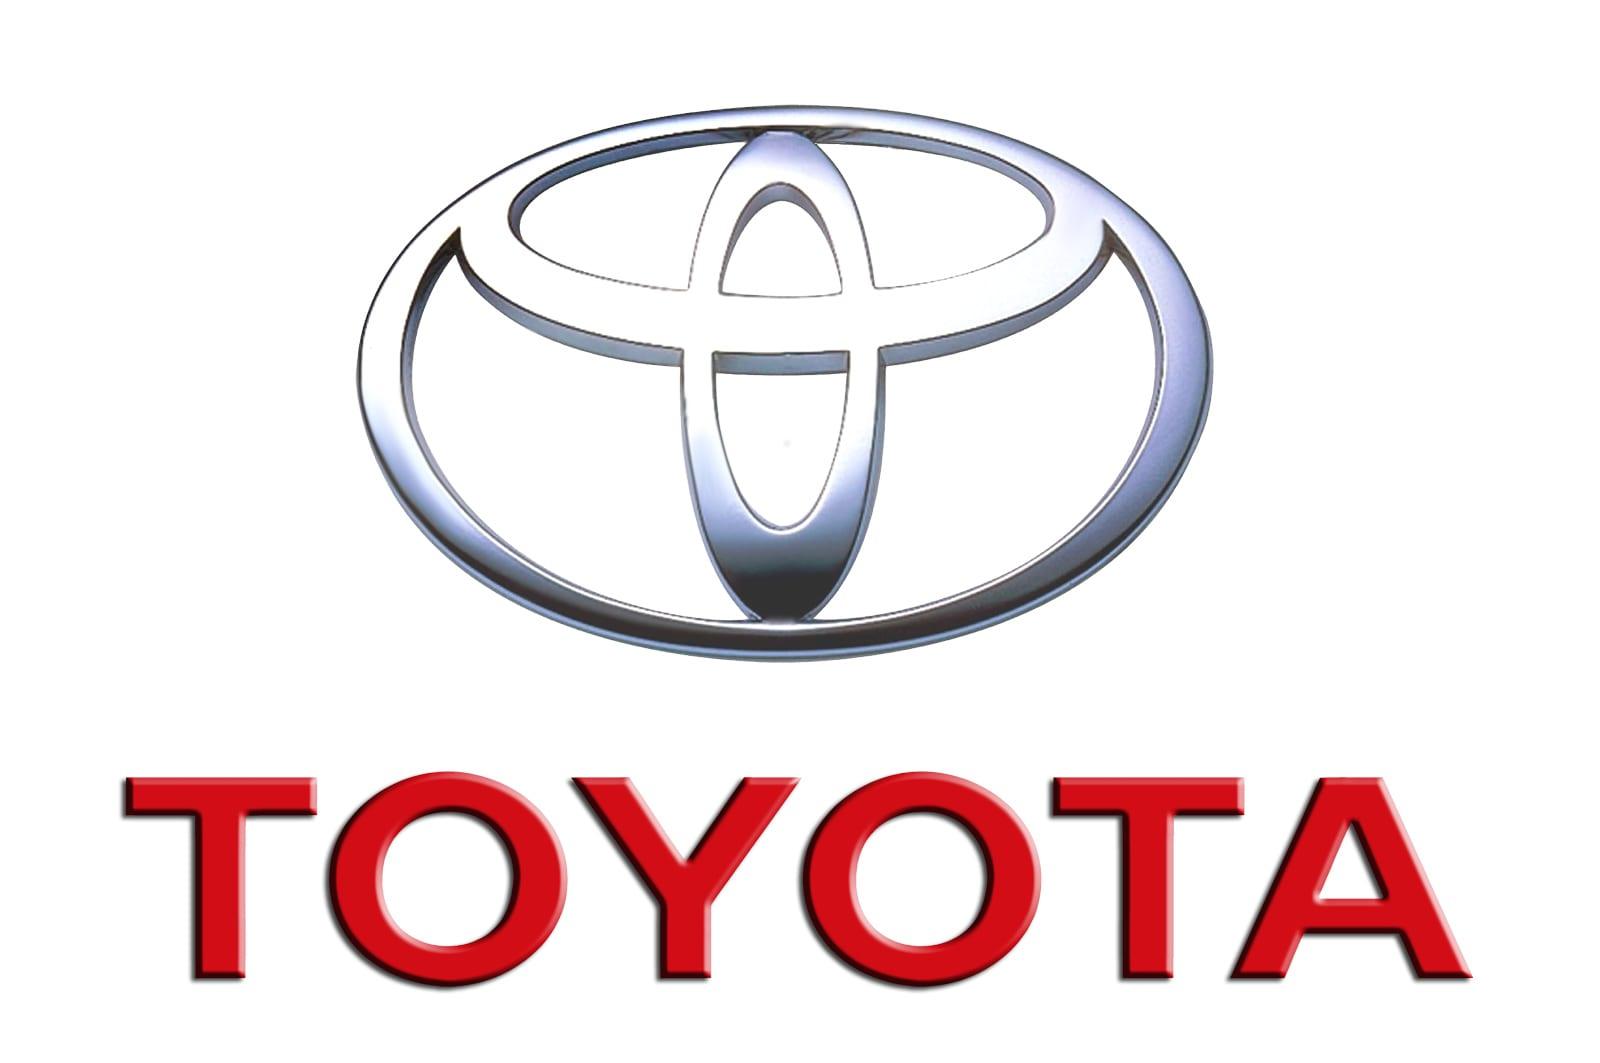 логотип toyota 319х239